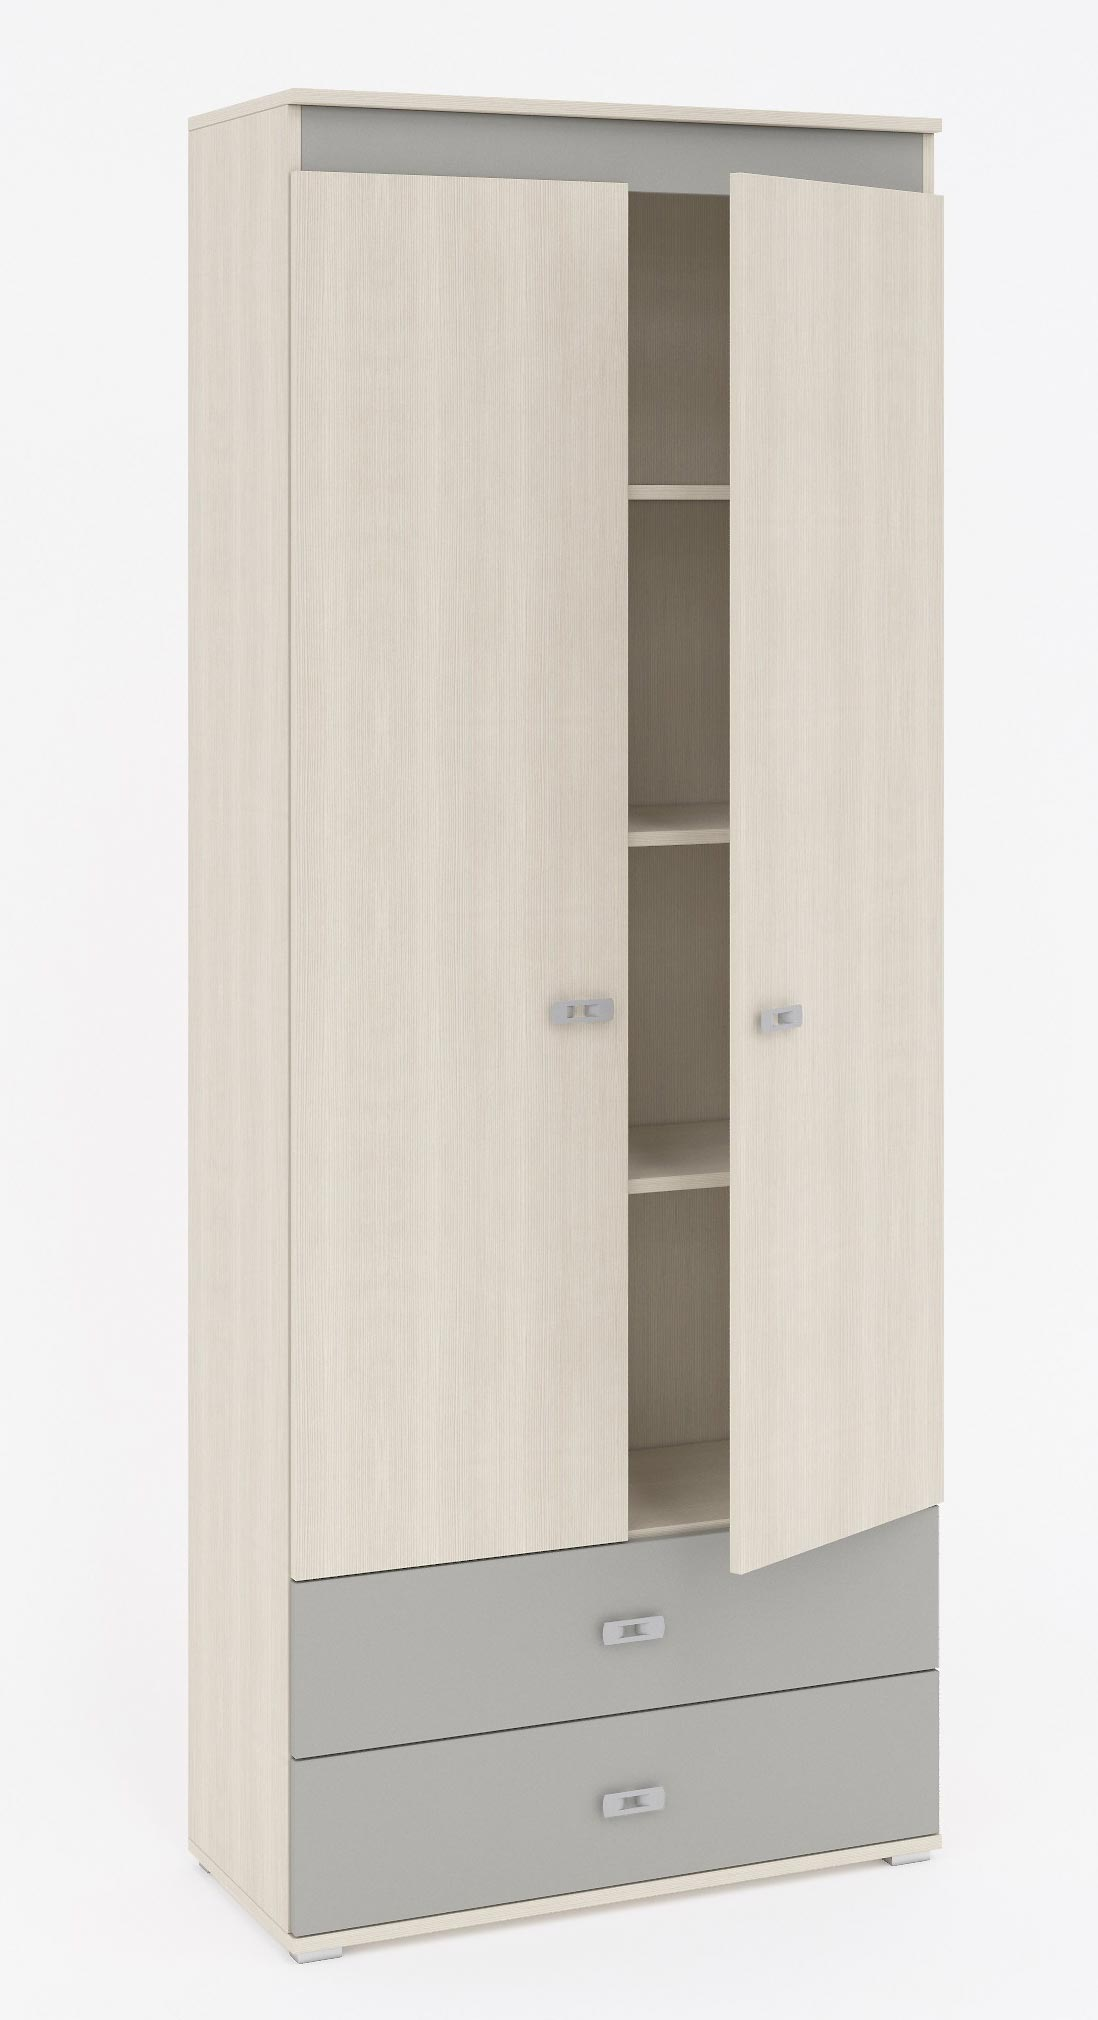 Шкаф 2 двери, 2 ящика Кентавр 2000 Пьеро, арт.11